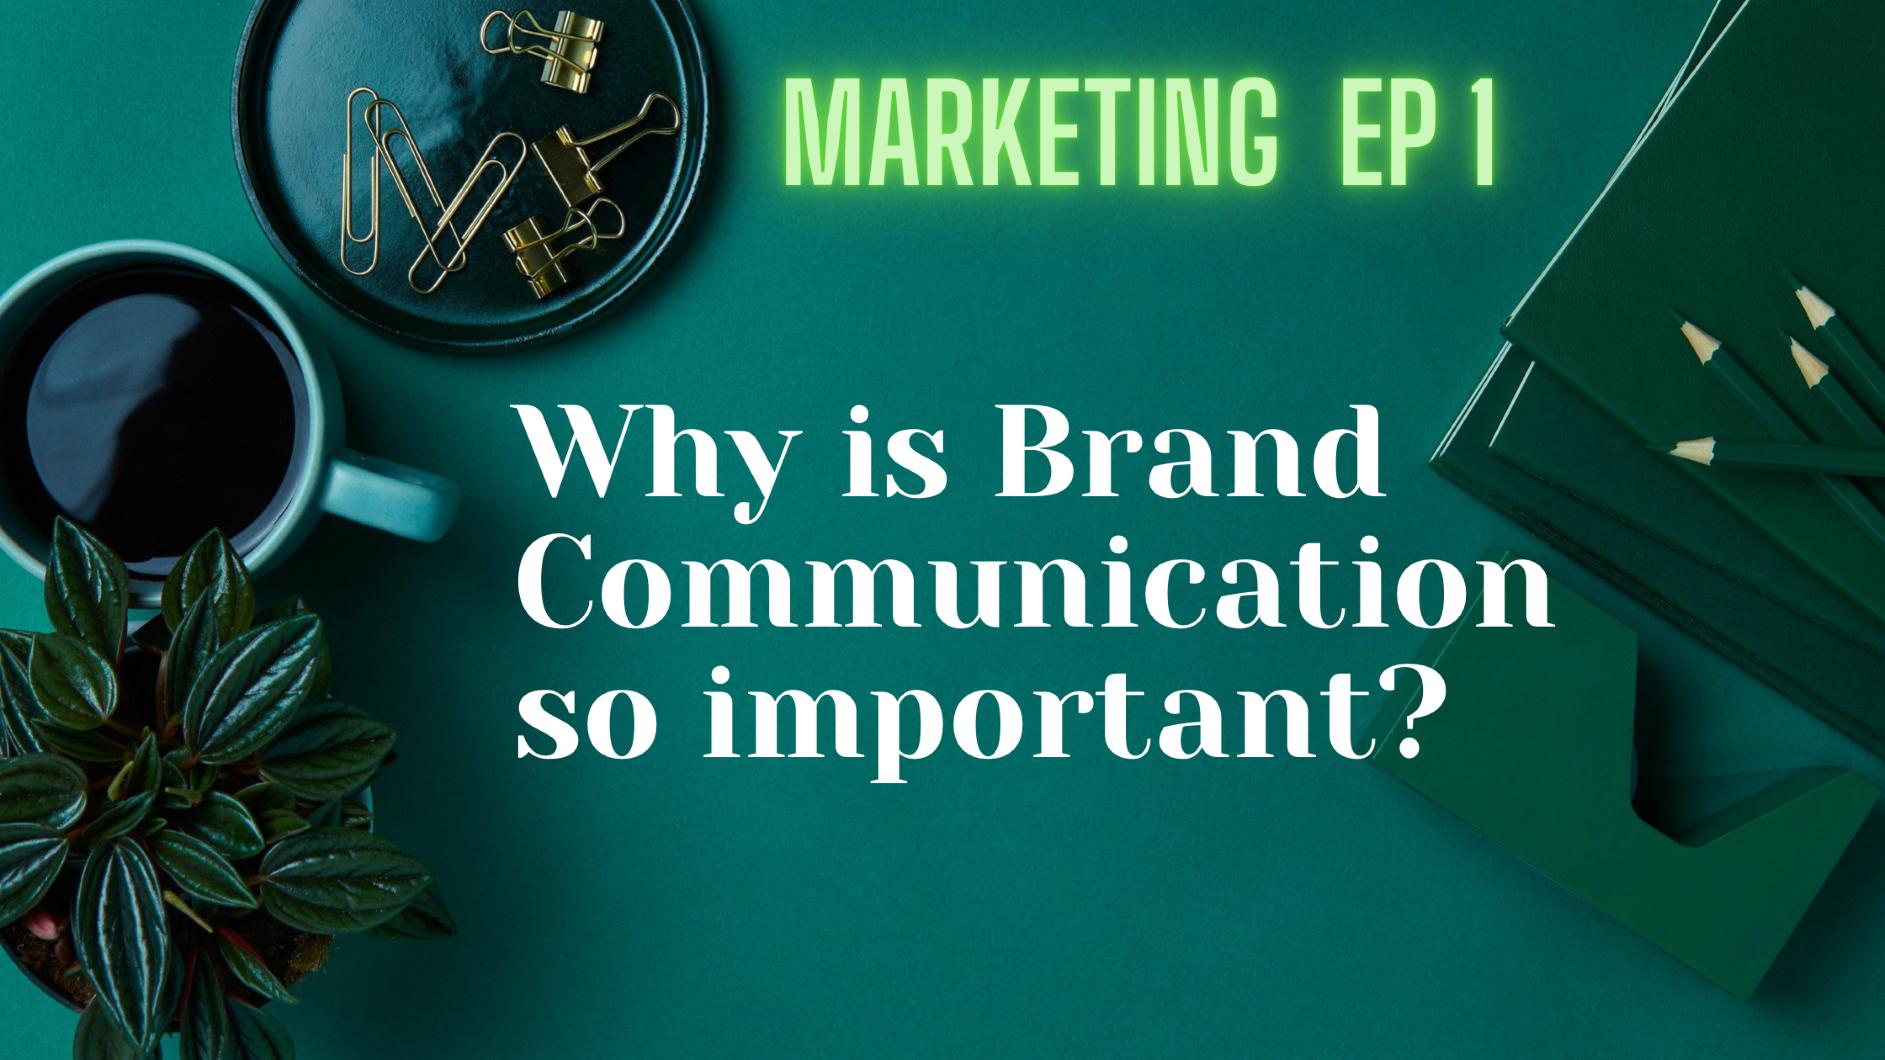 You are currently viewing การสื่อสารเพื่อสร้างตราผลิตภัณฑ์มีความสำคัญอย่างไร